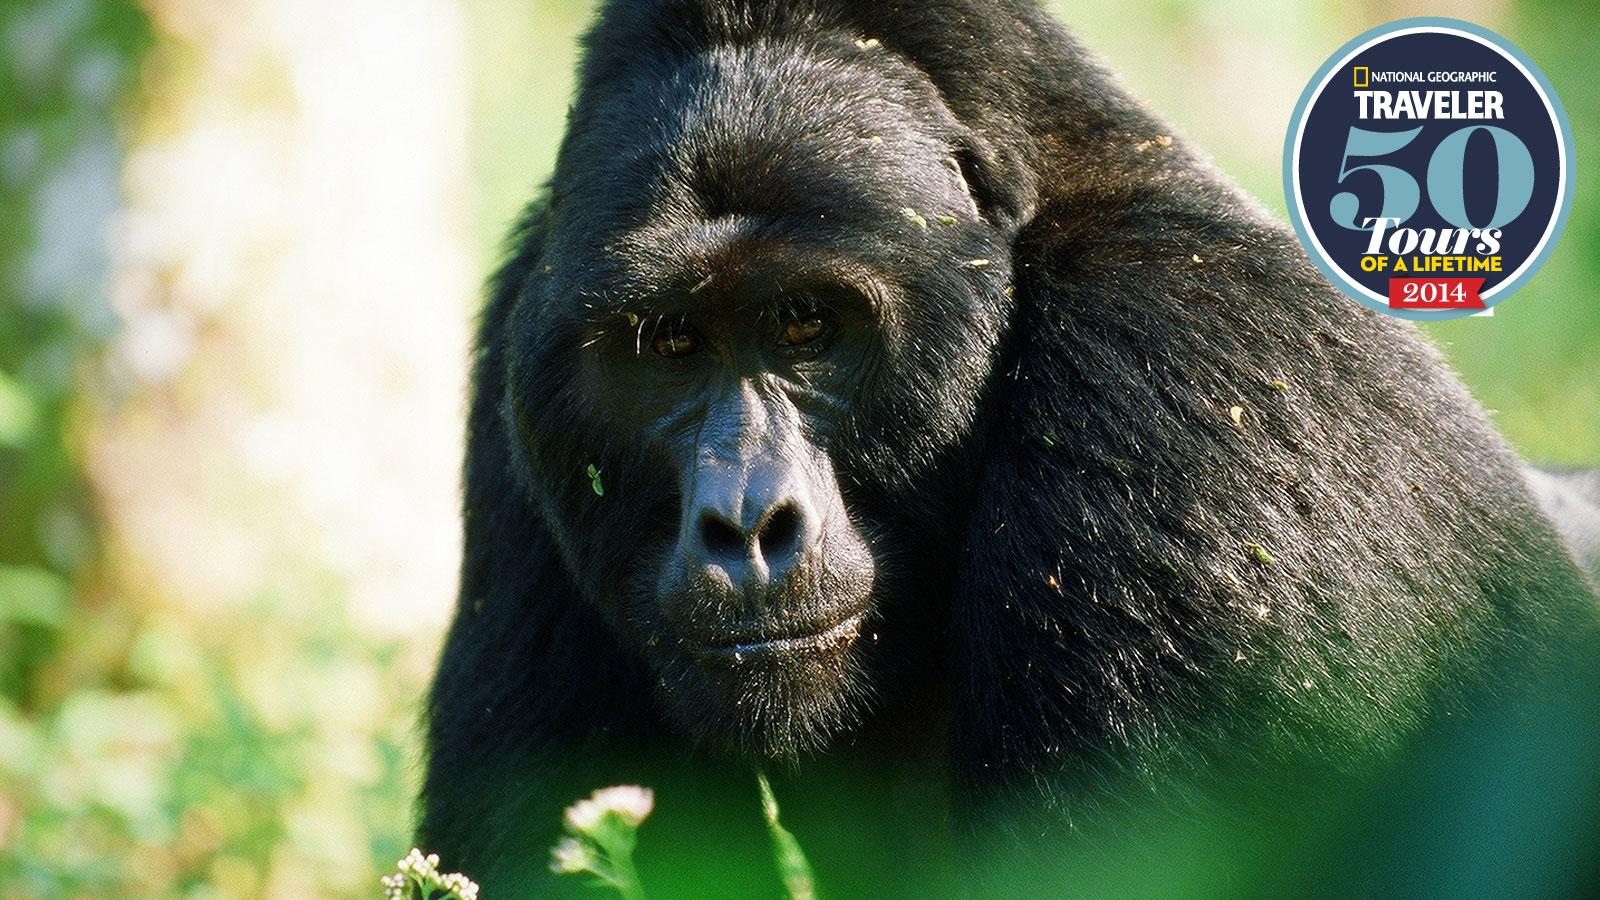 gorilla-large-national-geographic.jpeg